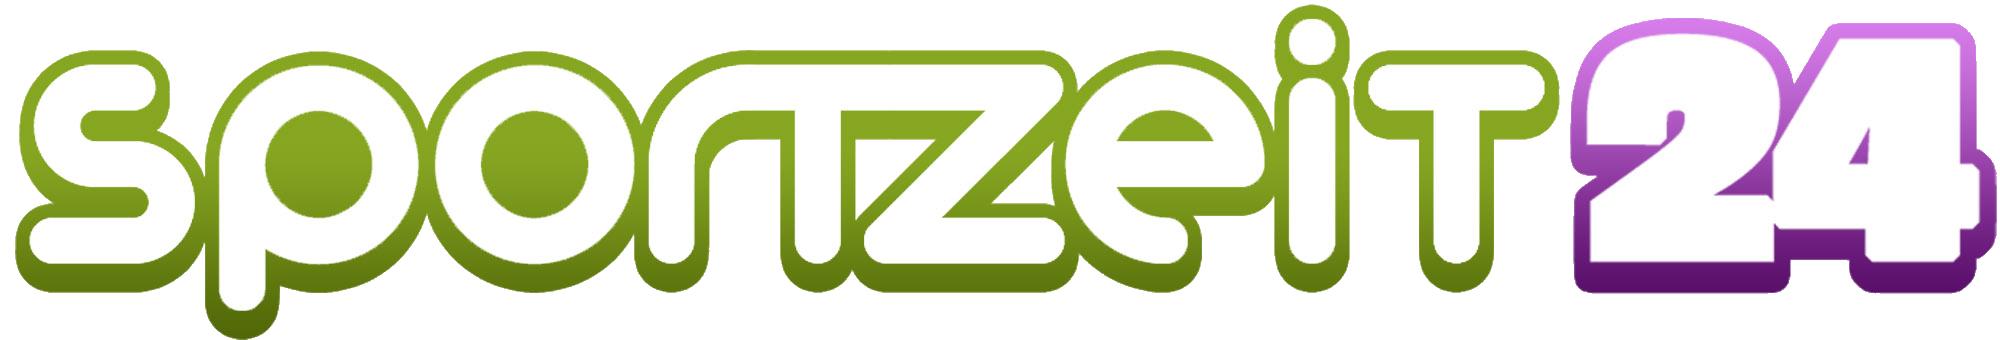 Sportzeit24